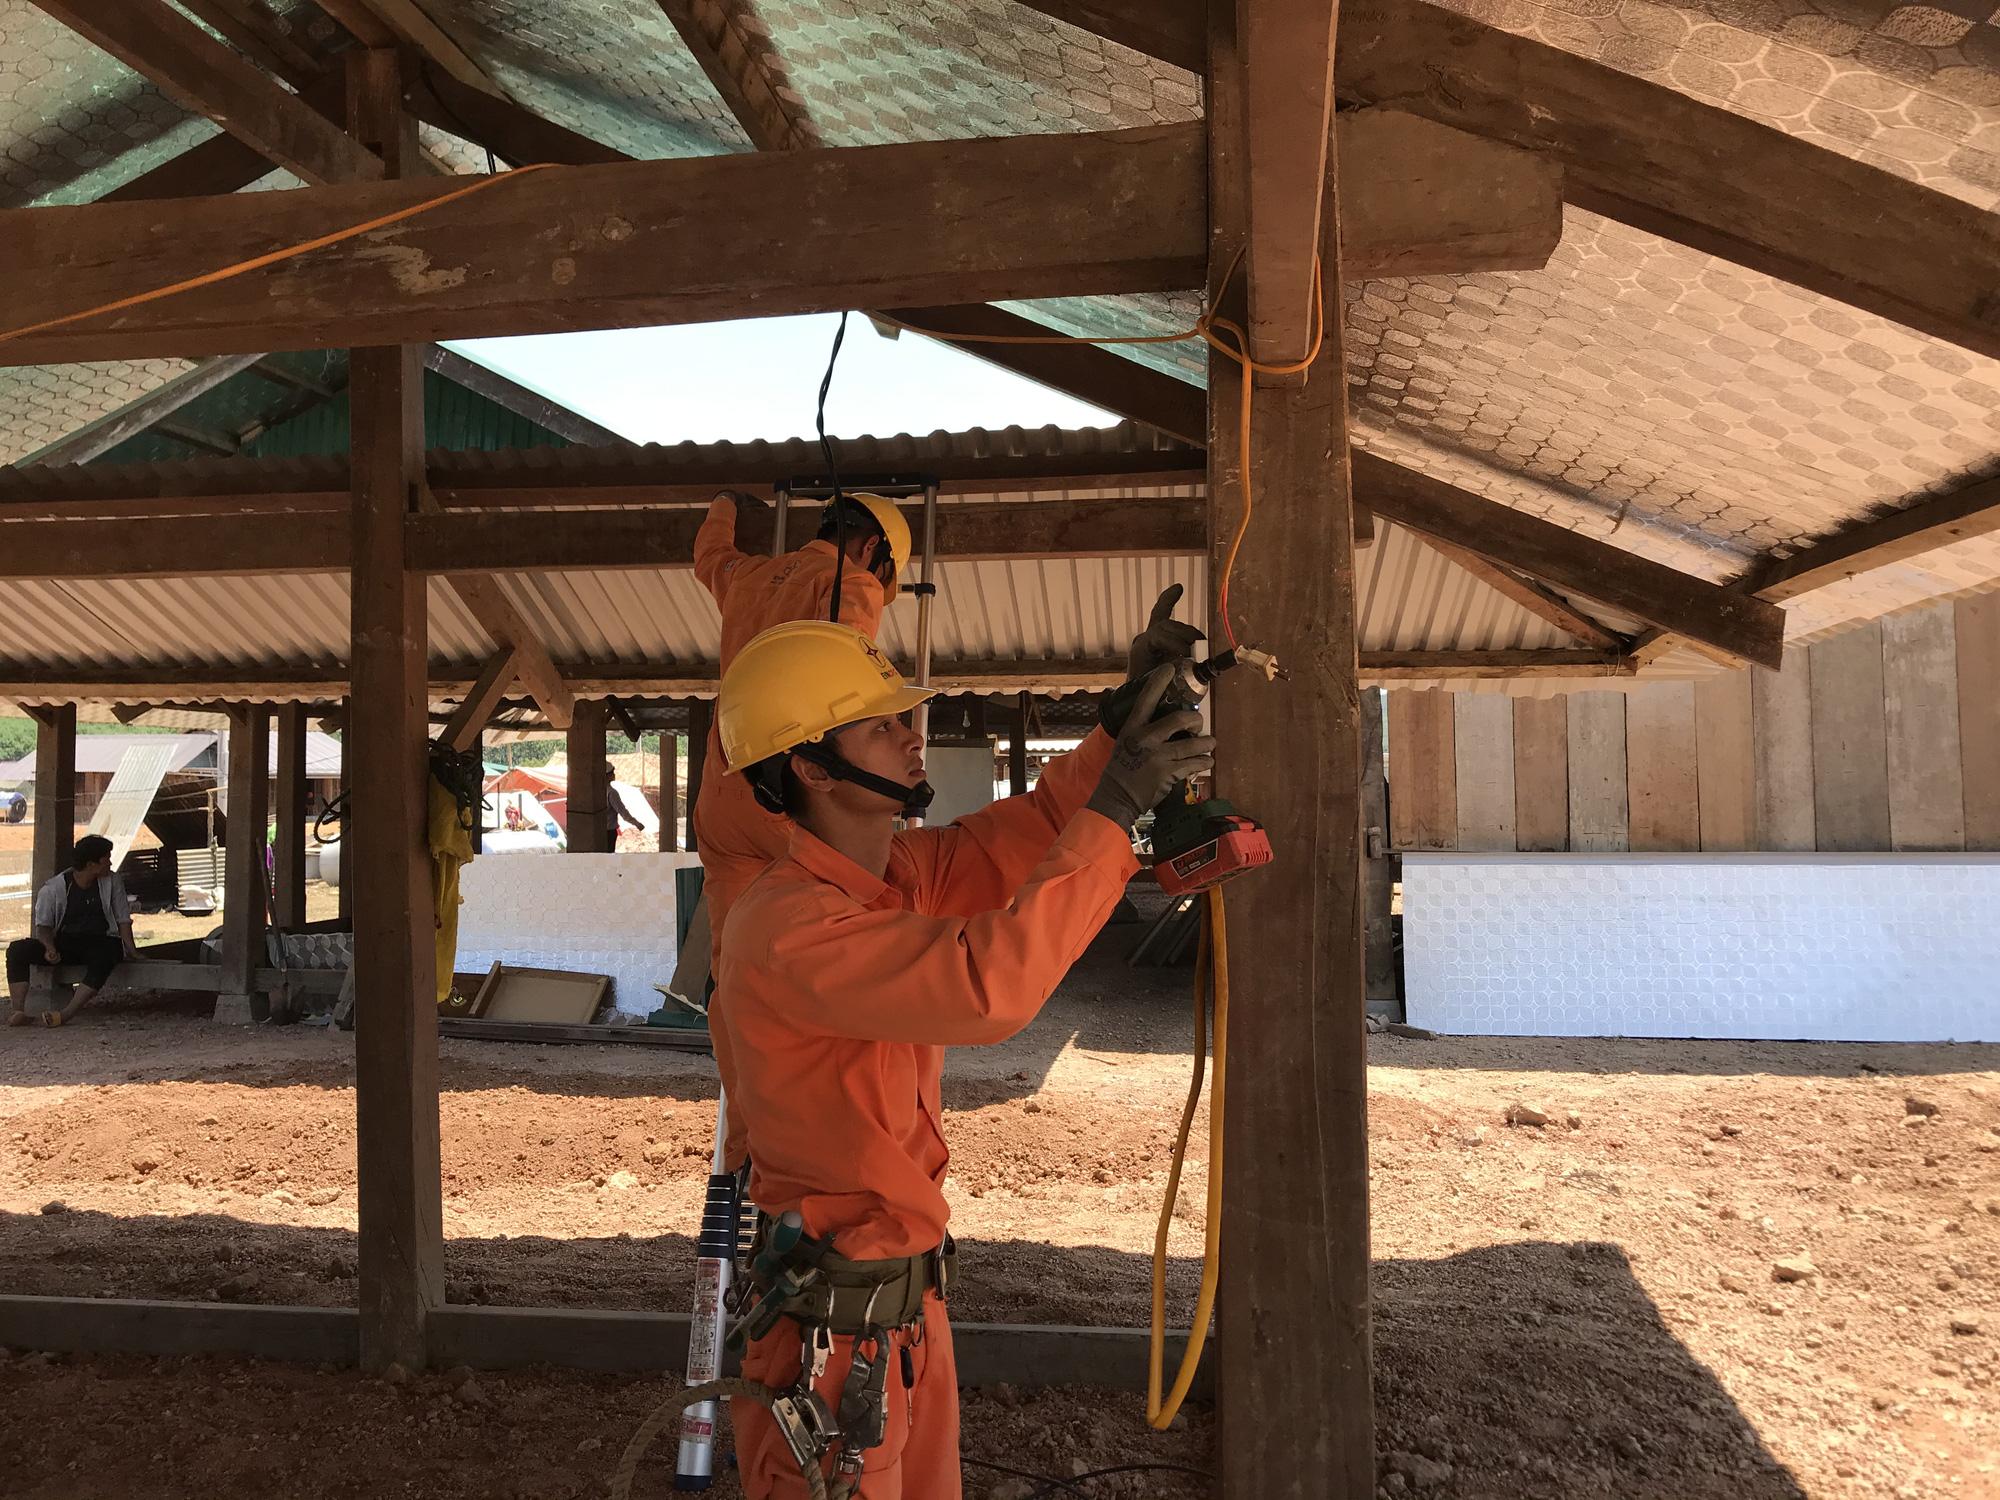 Tái định cư Dự án hồ chứa nước Krông Pắk Thượng: Nhà vừa dựng lên đã có điện - Ảnh 2.